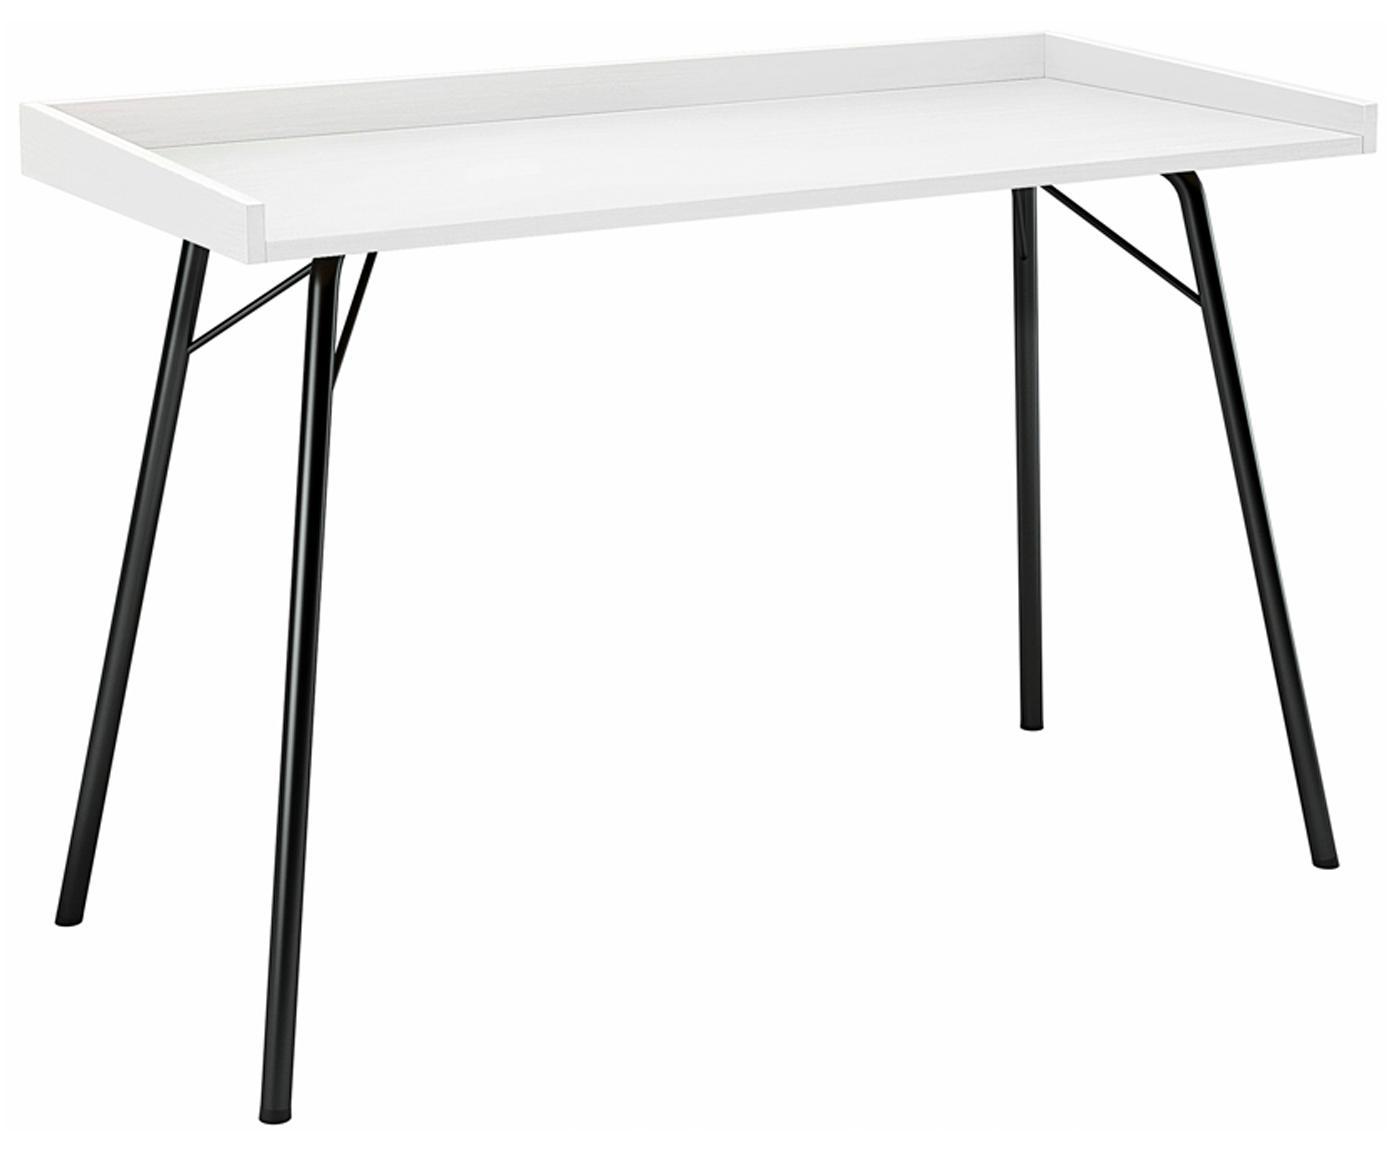 Escritorio Rayburn, Tablero: fibras de densidad media , Estructura: metal con pintura en polv, Blanco, An 115 x Al 78 cm